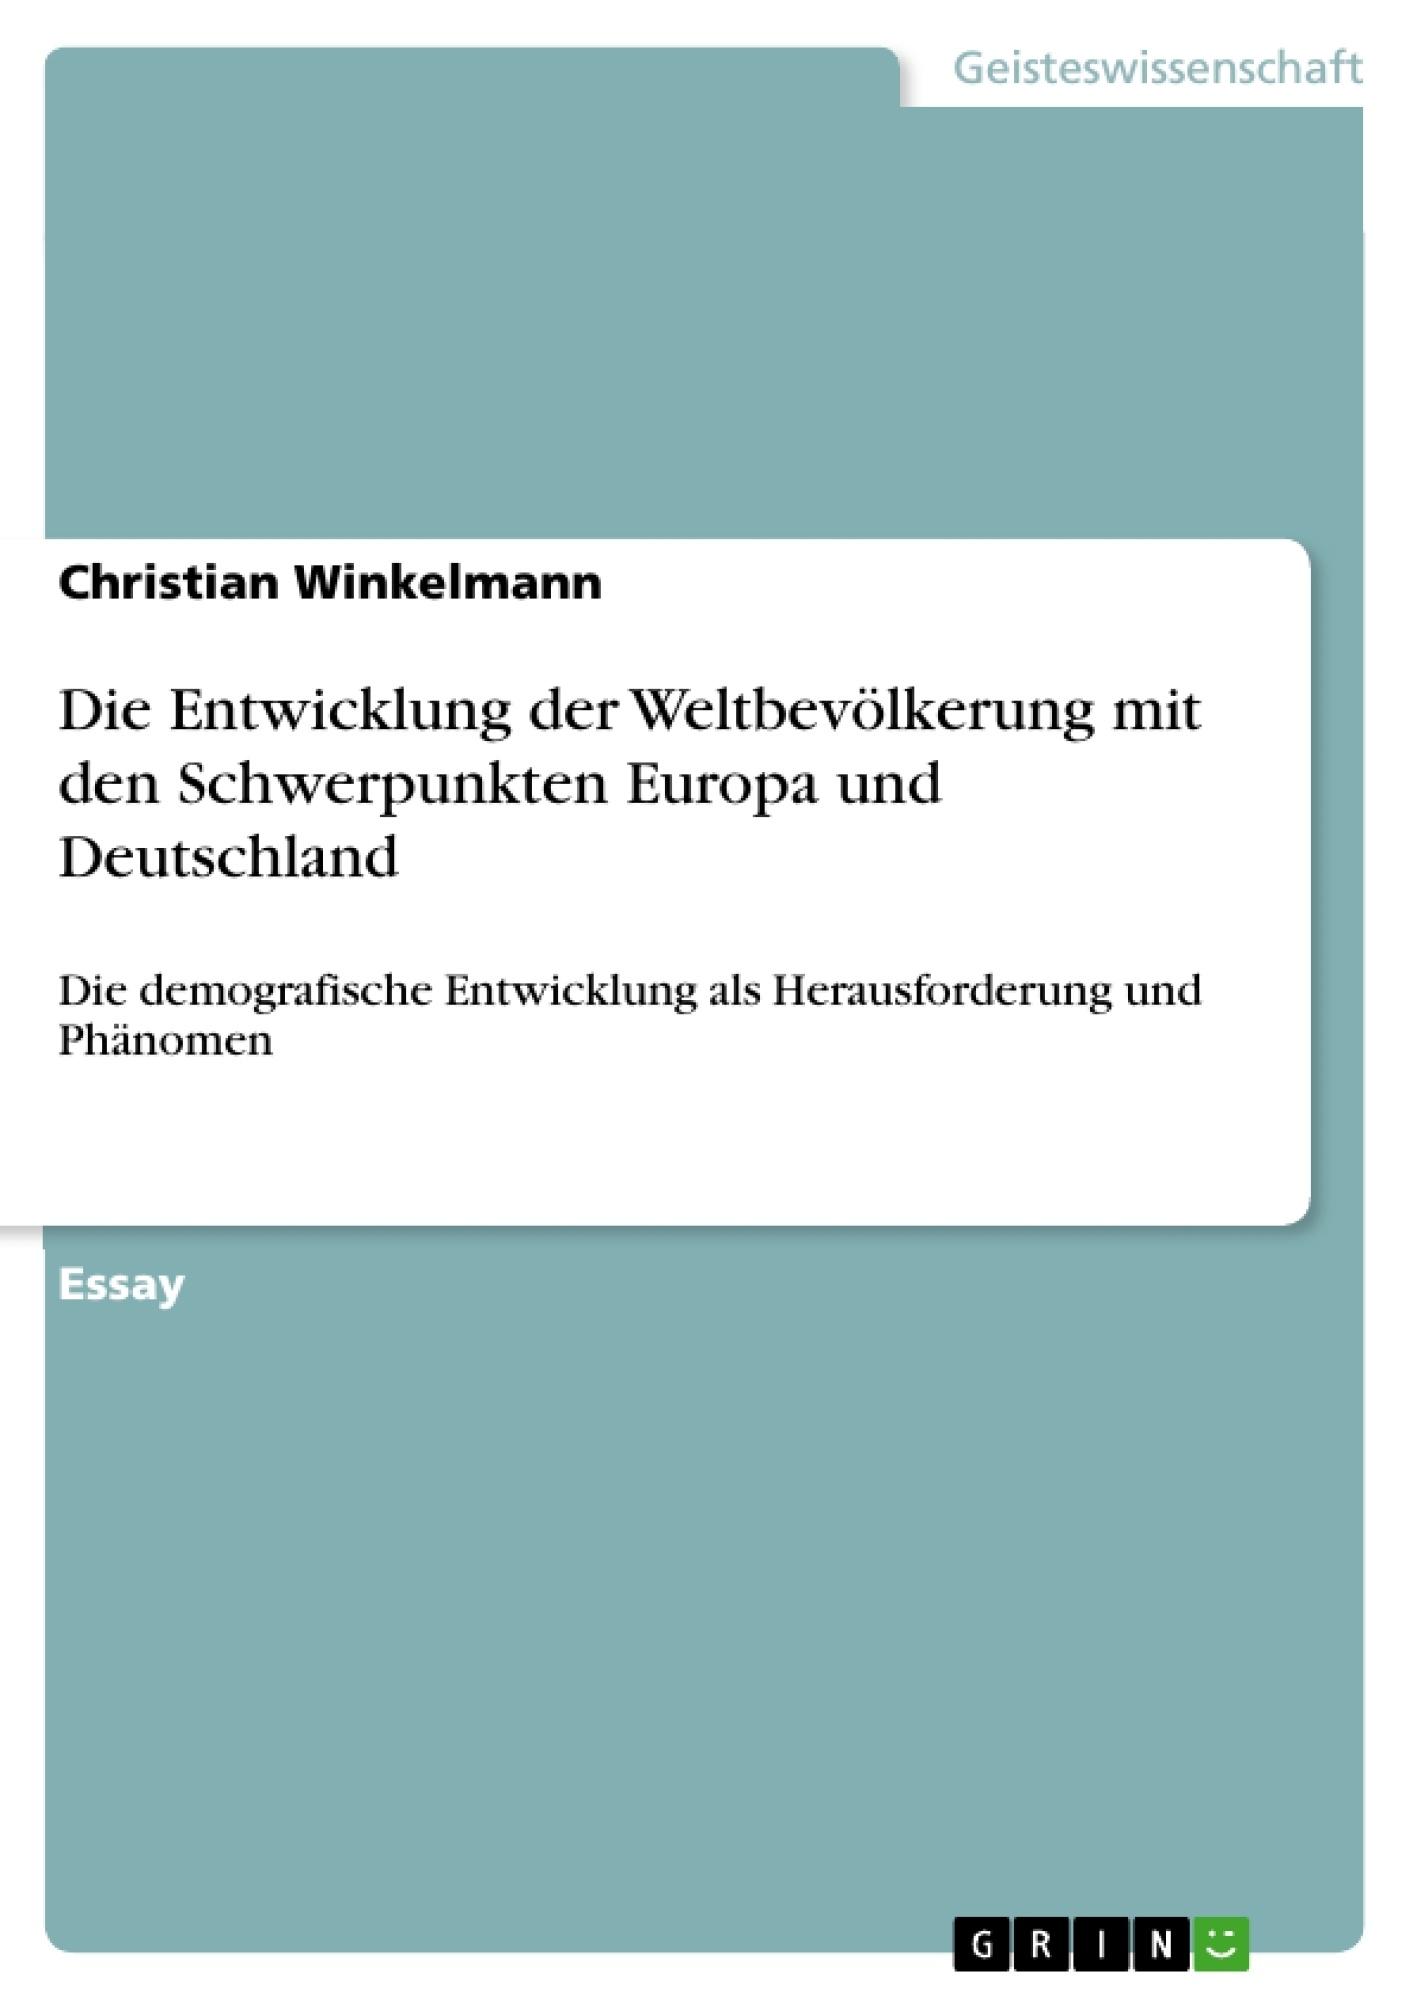 Titel: Die Entwicklung der Weltbevölkerung mit den Schwerpunkten Europa und Deutschland